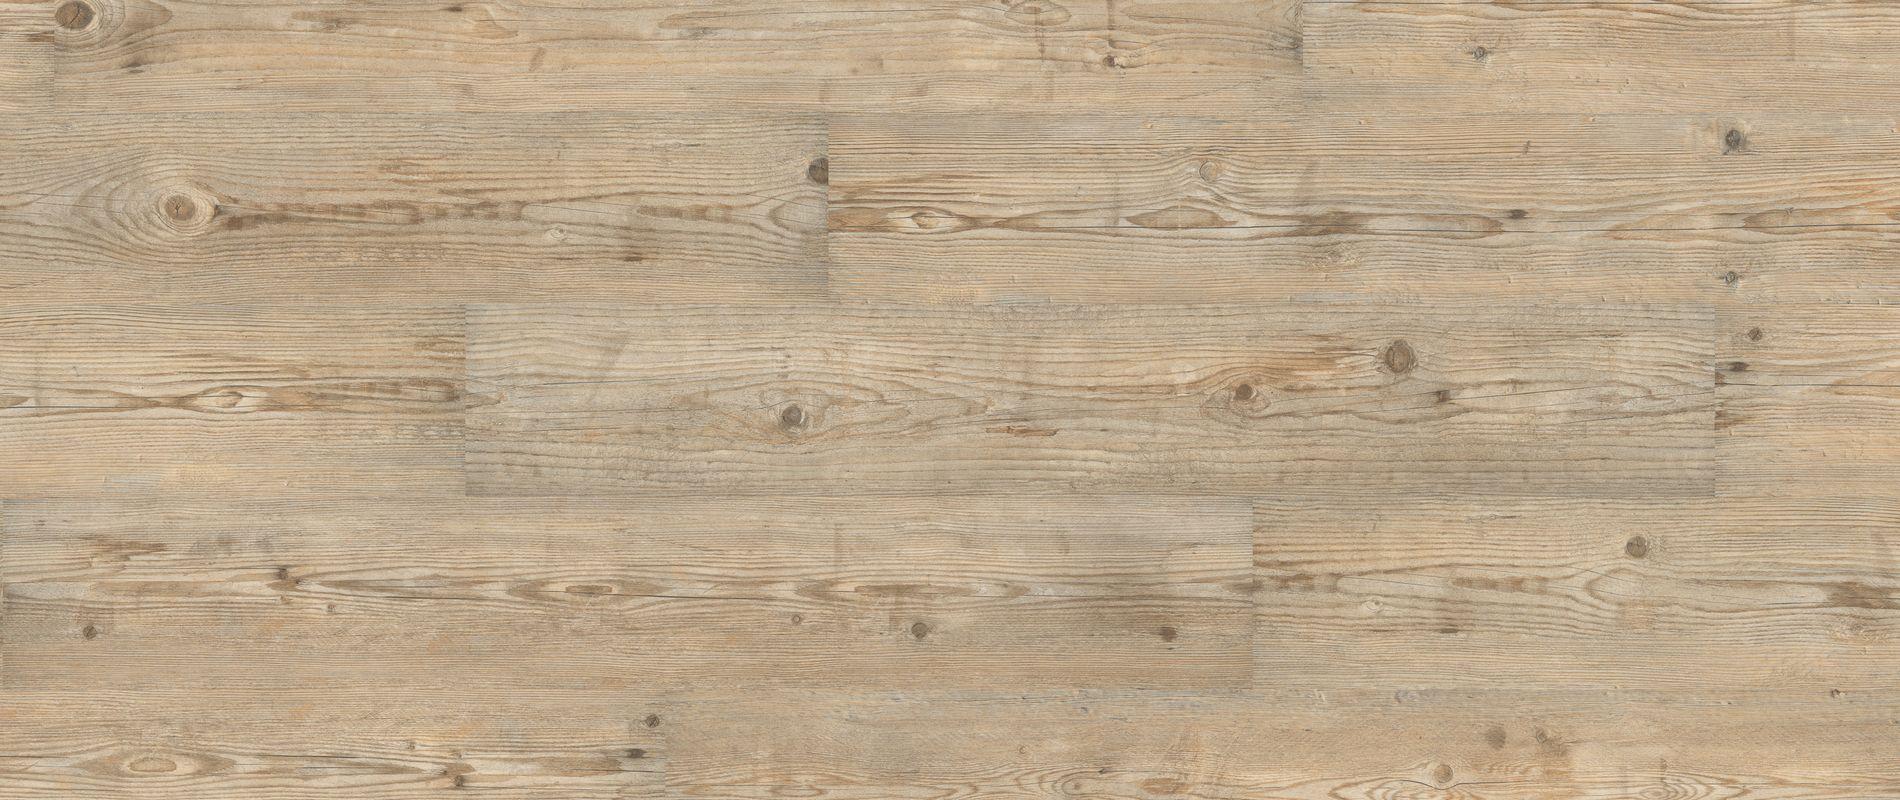 Boden4you Com Vinylboden Teppich Bodenbelag Frachtfrei Kaufen